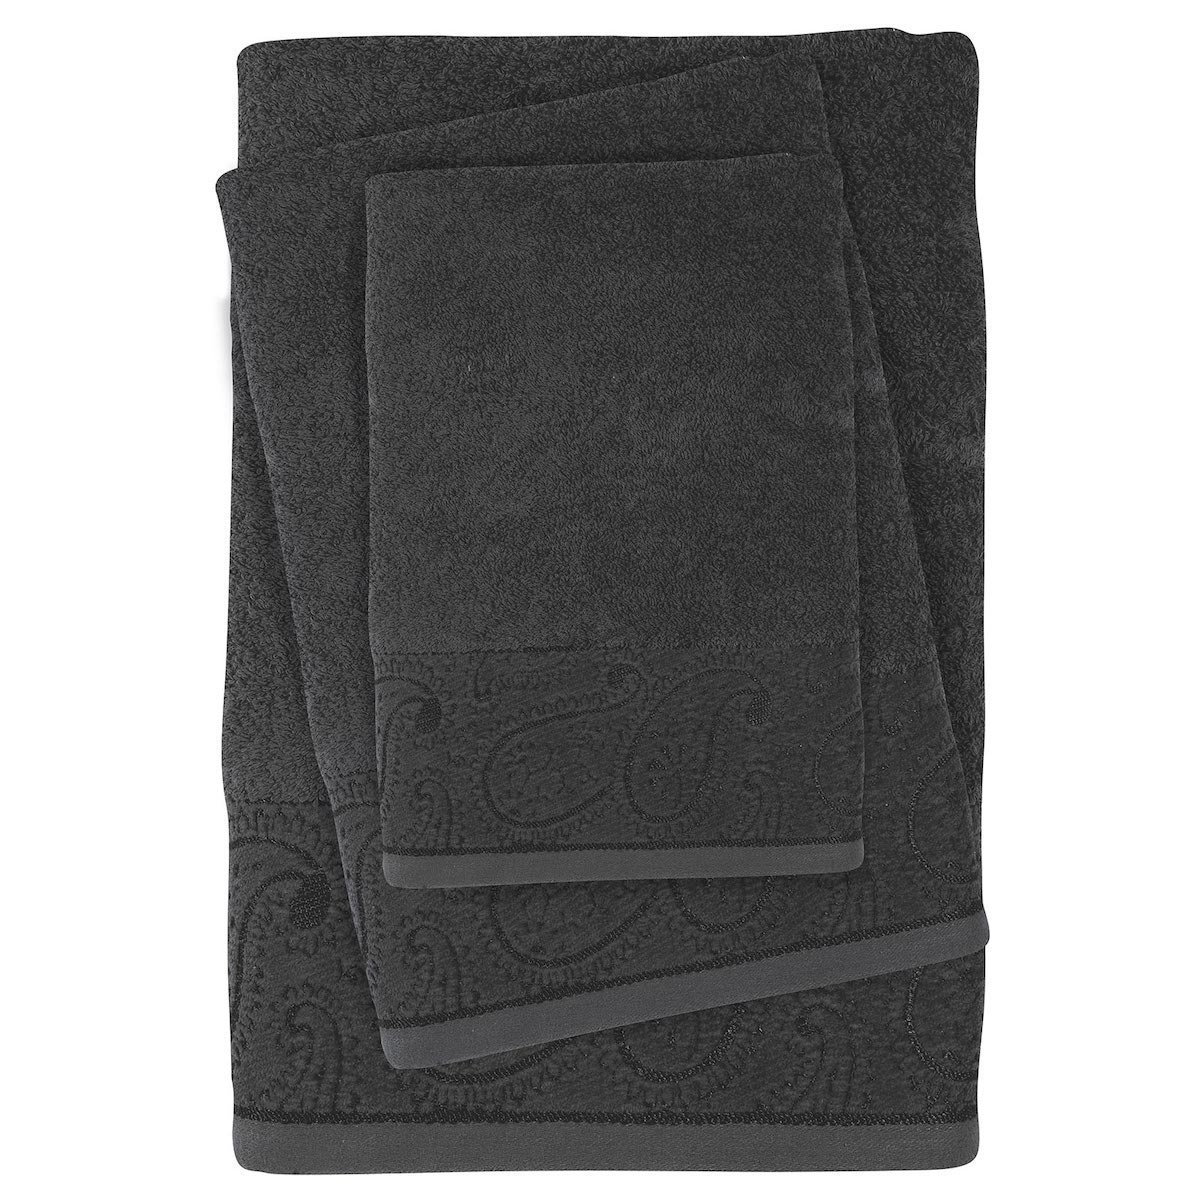 Πετσέτες Μπάνιου (Σετ 3τμχ) Das Home Daily Line 0436 Grey